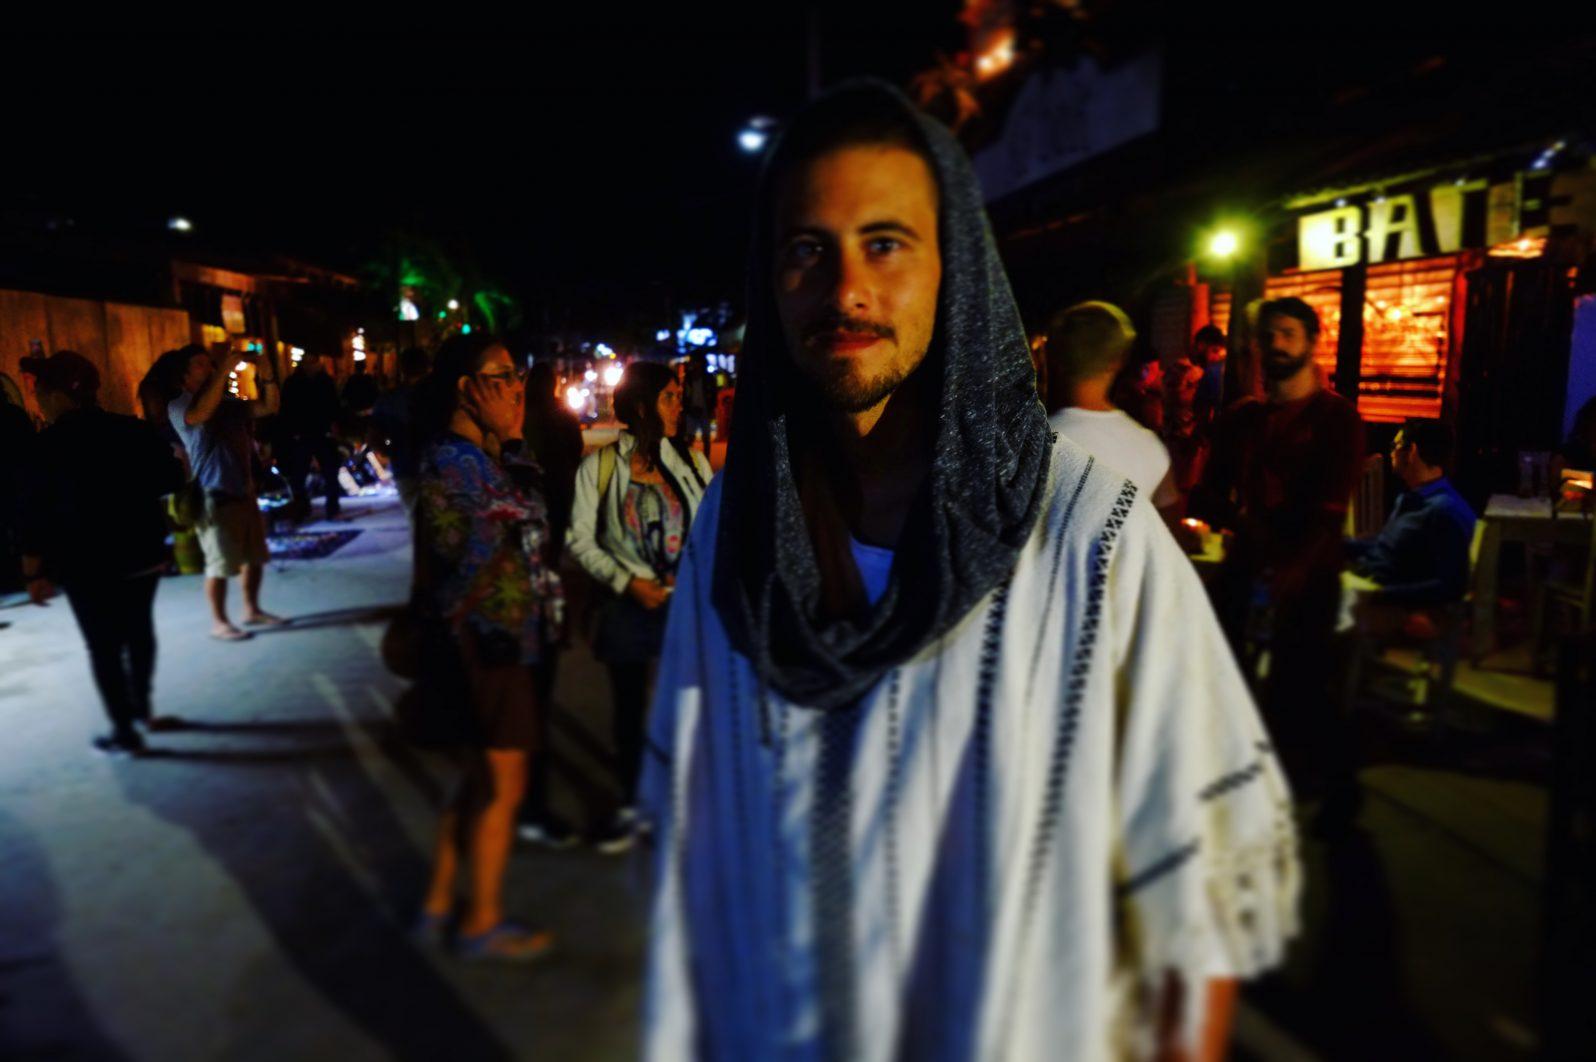 Un portait dans la rue de la soif de Tulum, la calle Centauro Sur